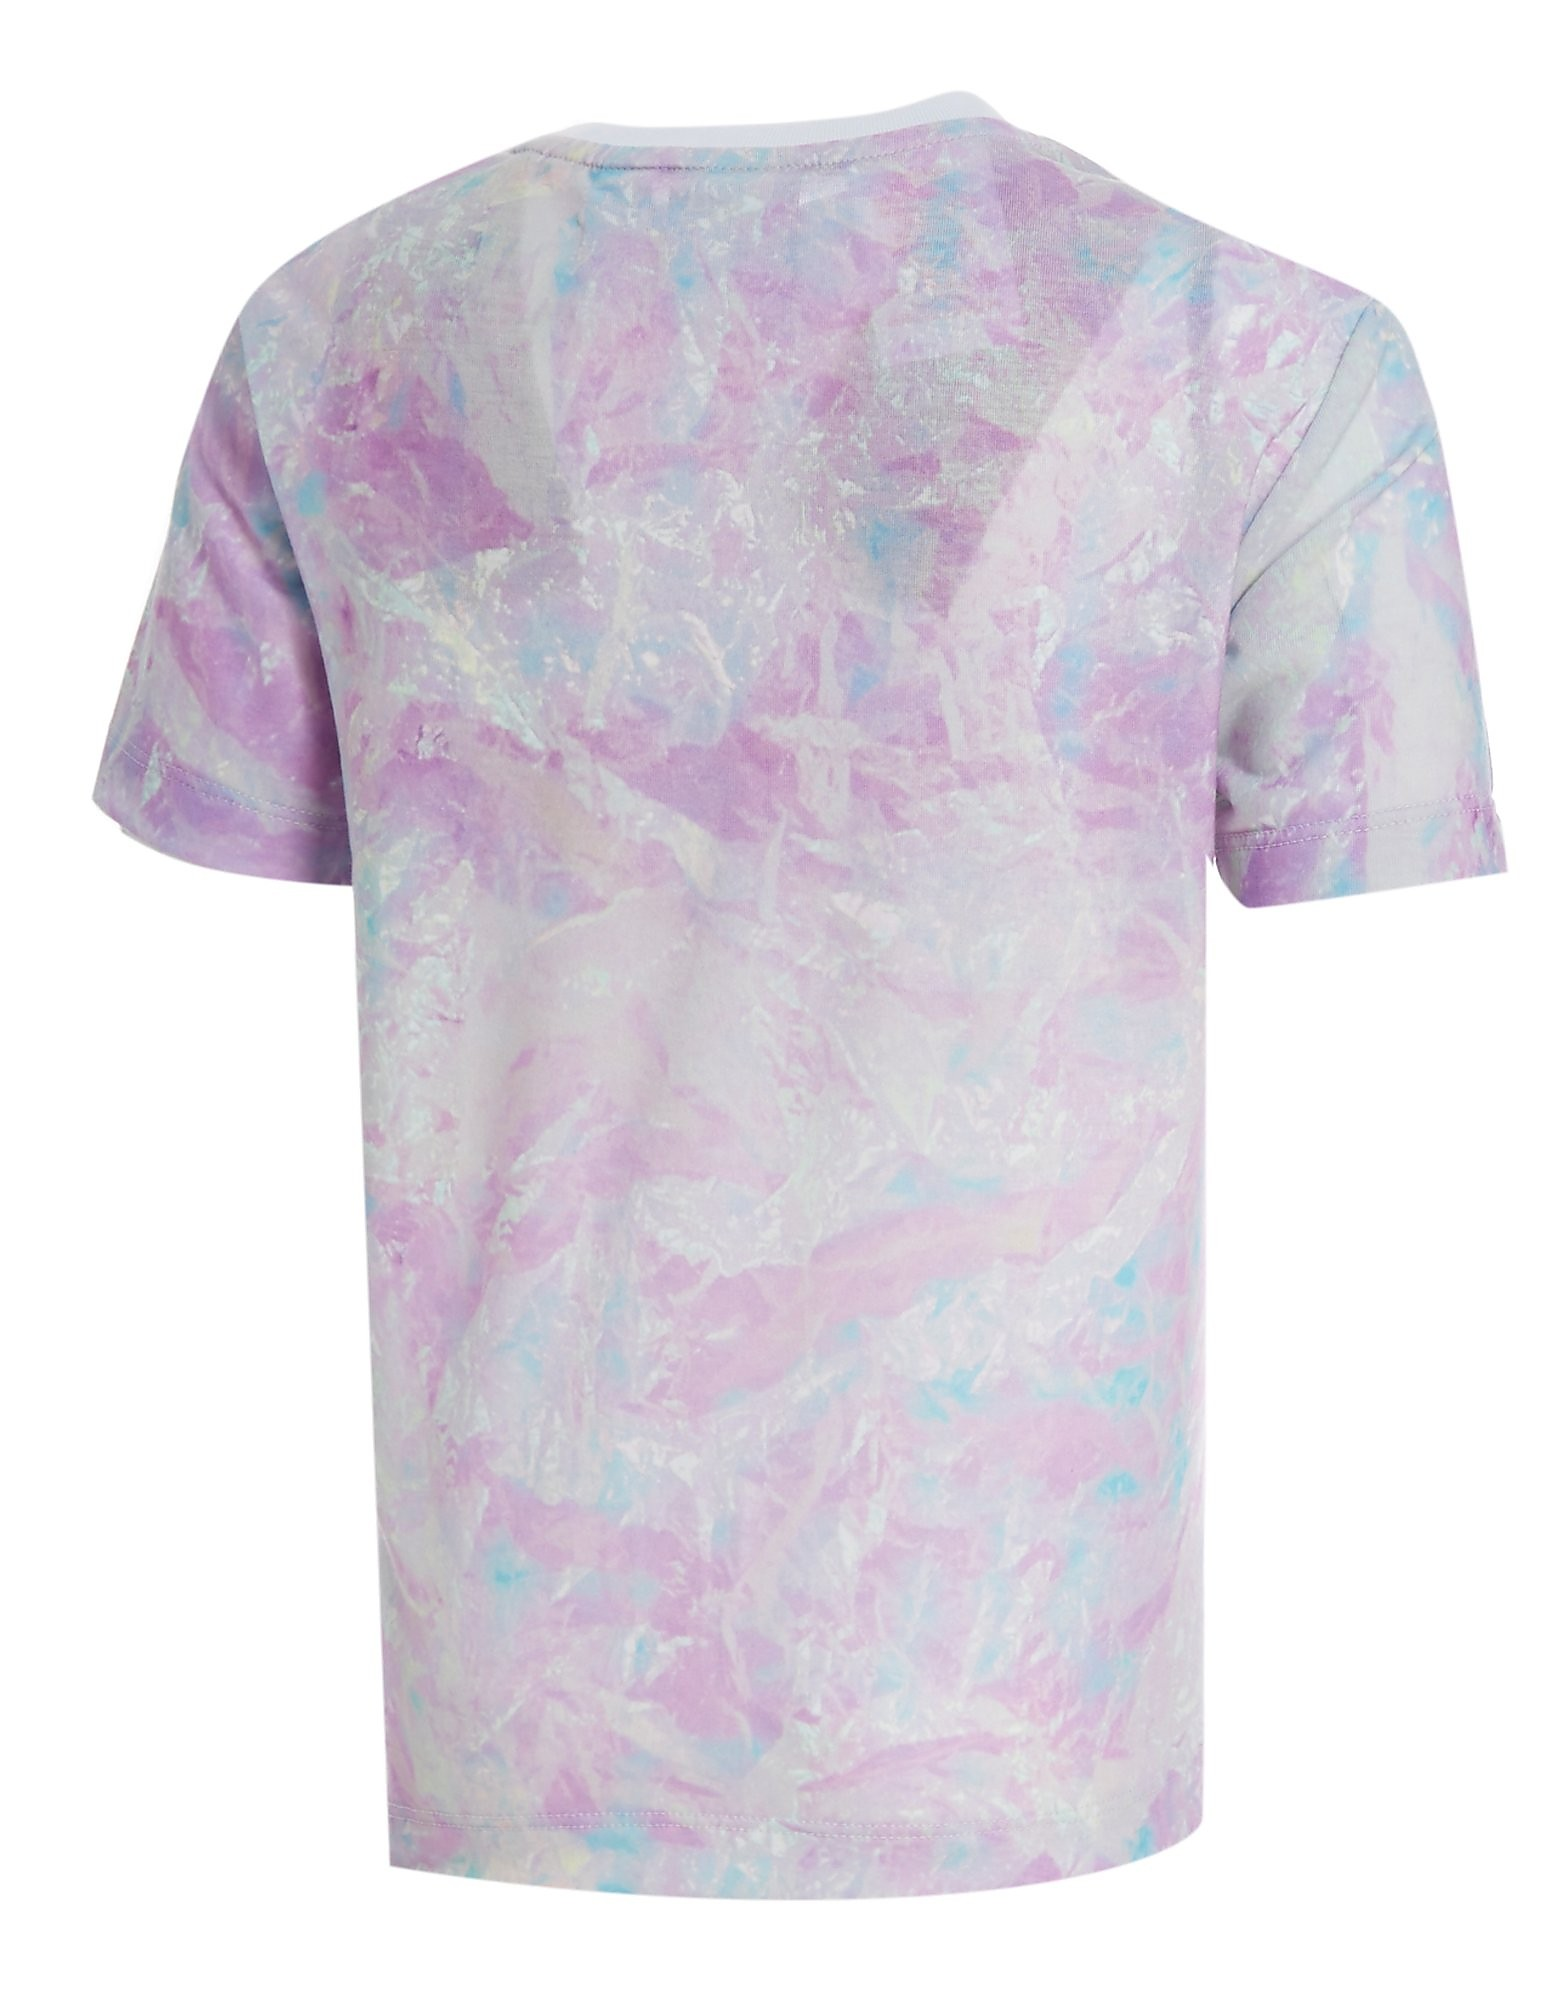 adidas Originals Girls' All Over Print T-Shirt Children